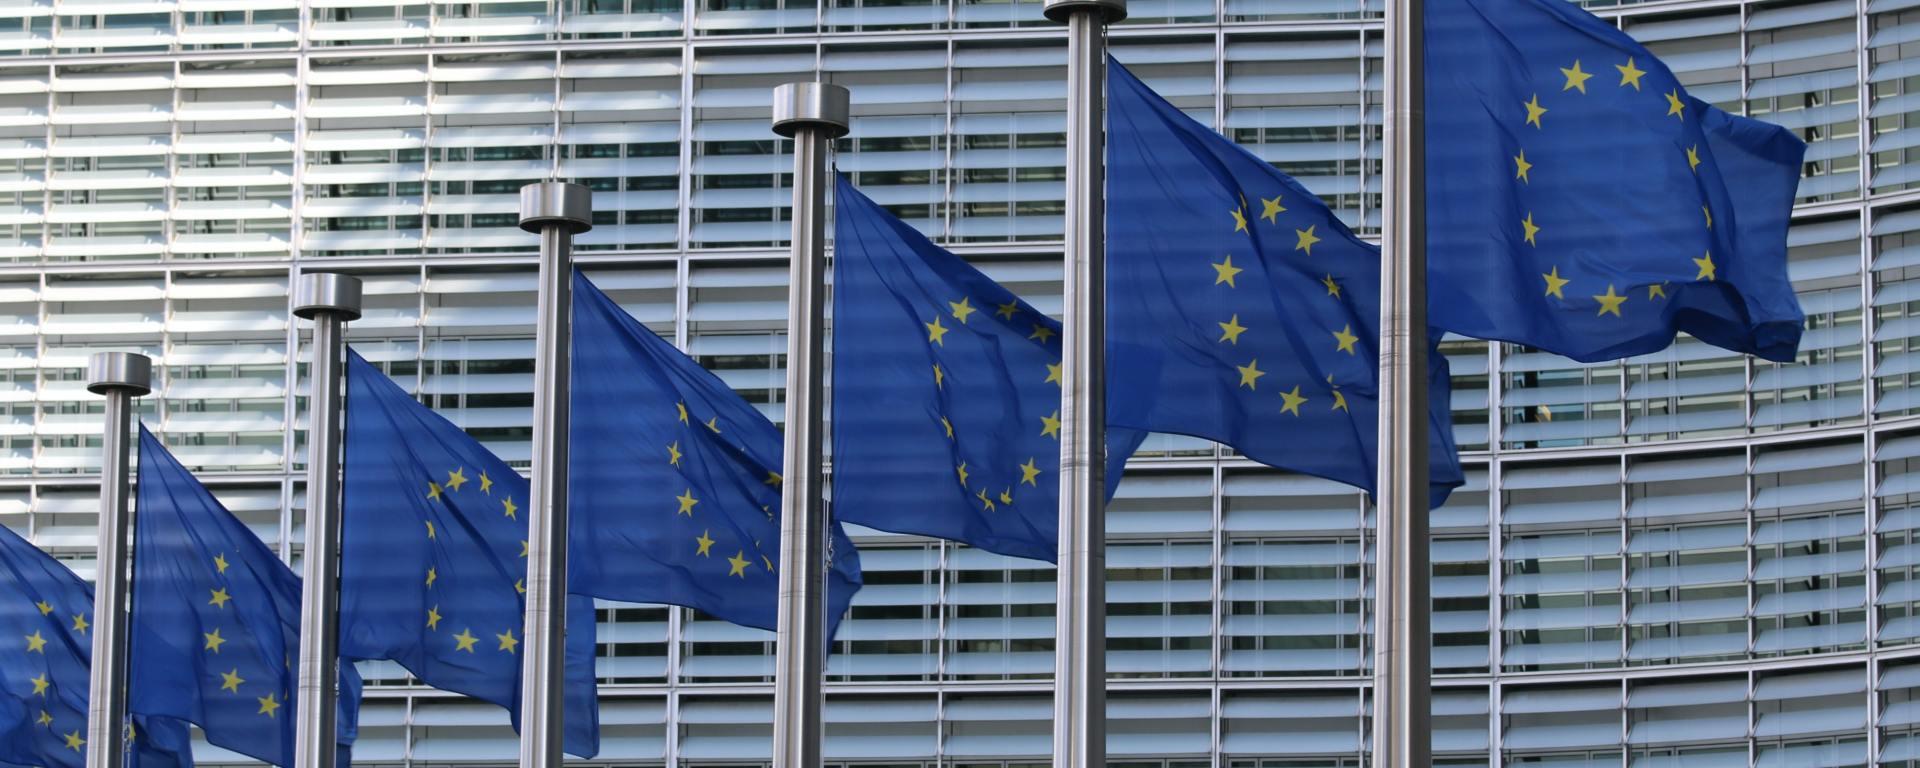 """Freibrief für Zensur: Verhaltenskodex der EU-Kommission zur """"wirksamen Bekämpfung der Desinformation"""""""